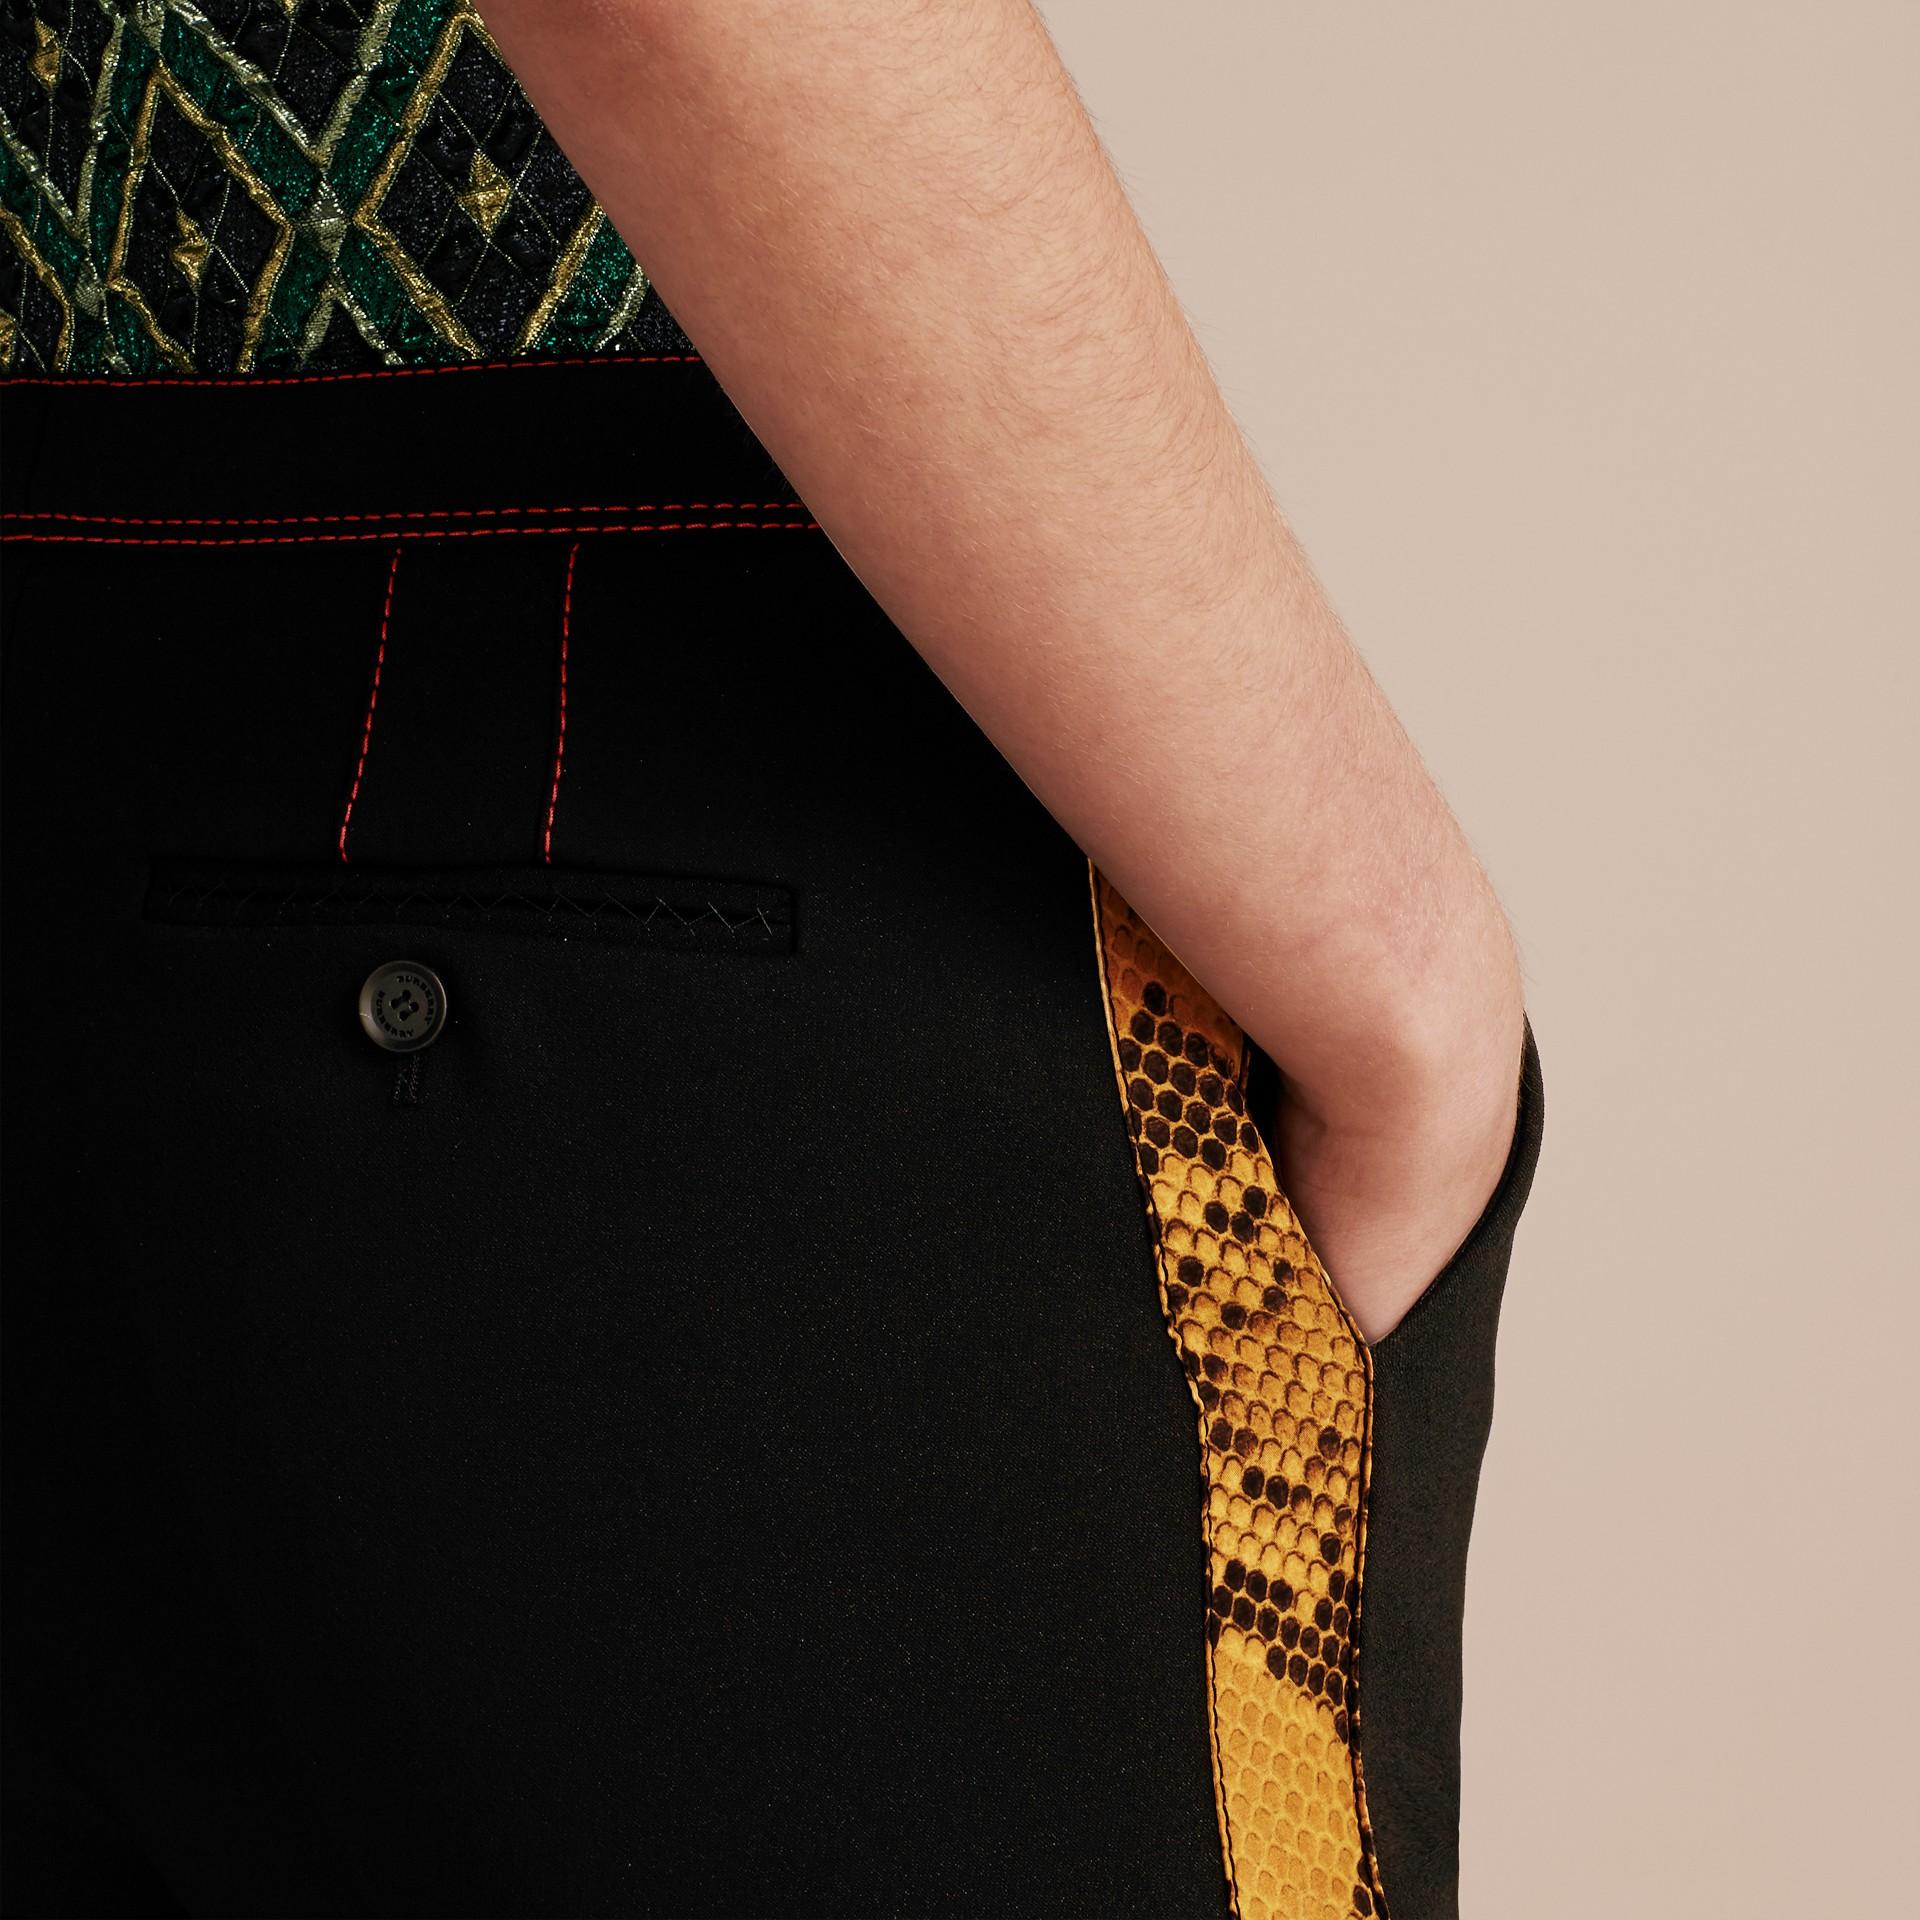 Preto Calças encurtadas de alfaiataria com detalhe de estampa de píton - galeria de imagens 6